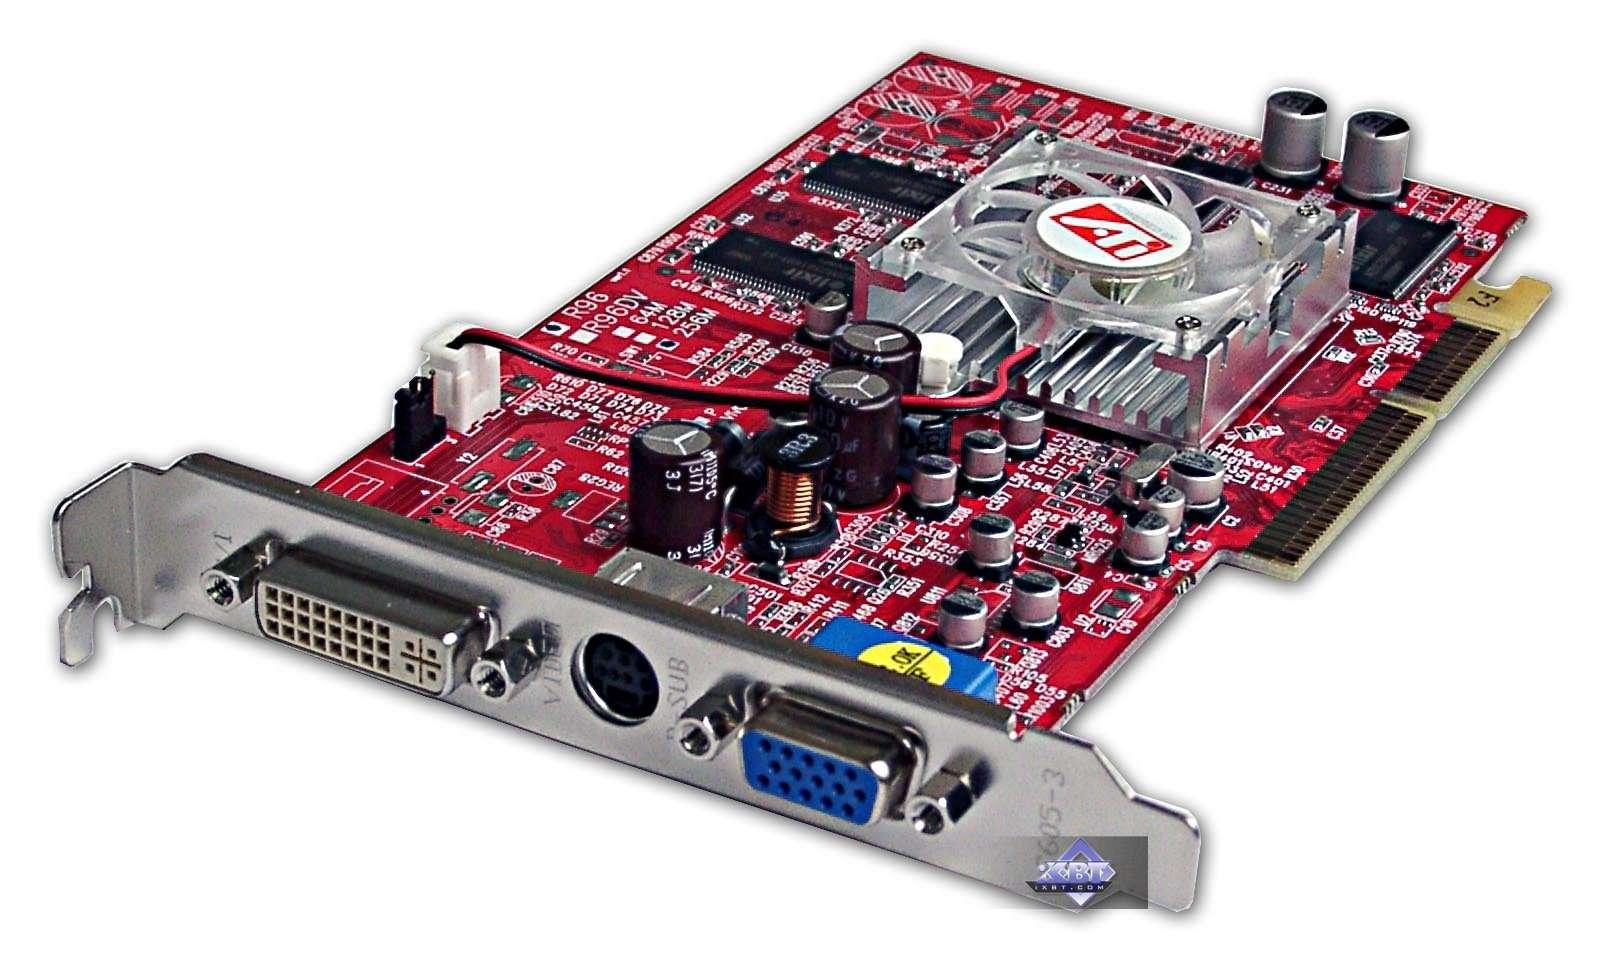 скачать драйвер на радеон 9600 pro